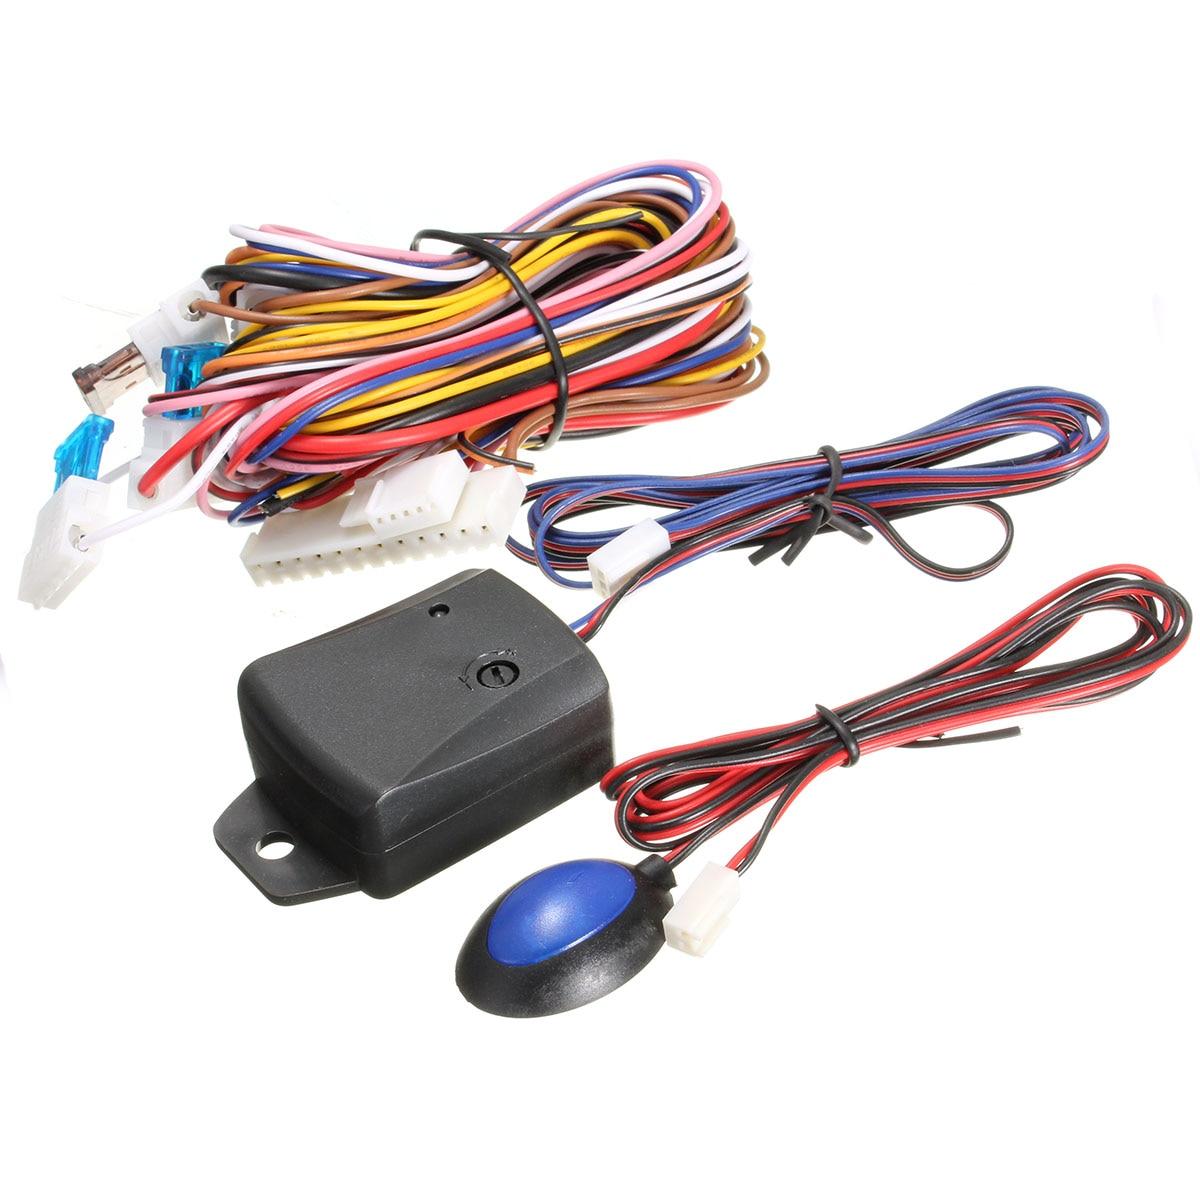 1 Set systèmes d'alarme voiture Auto Kit Central à distance serrure de porte verrouillage véhicule sans clé système d'entrée avec télécommandes - 2